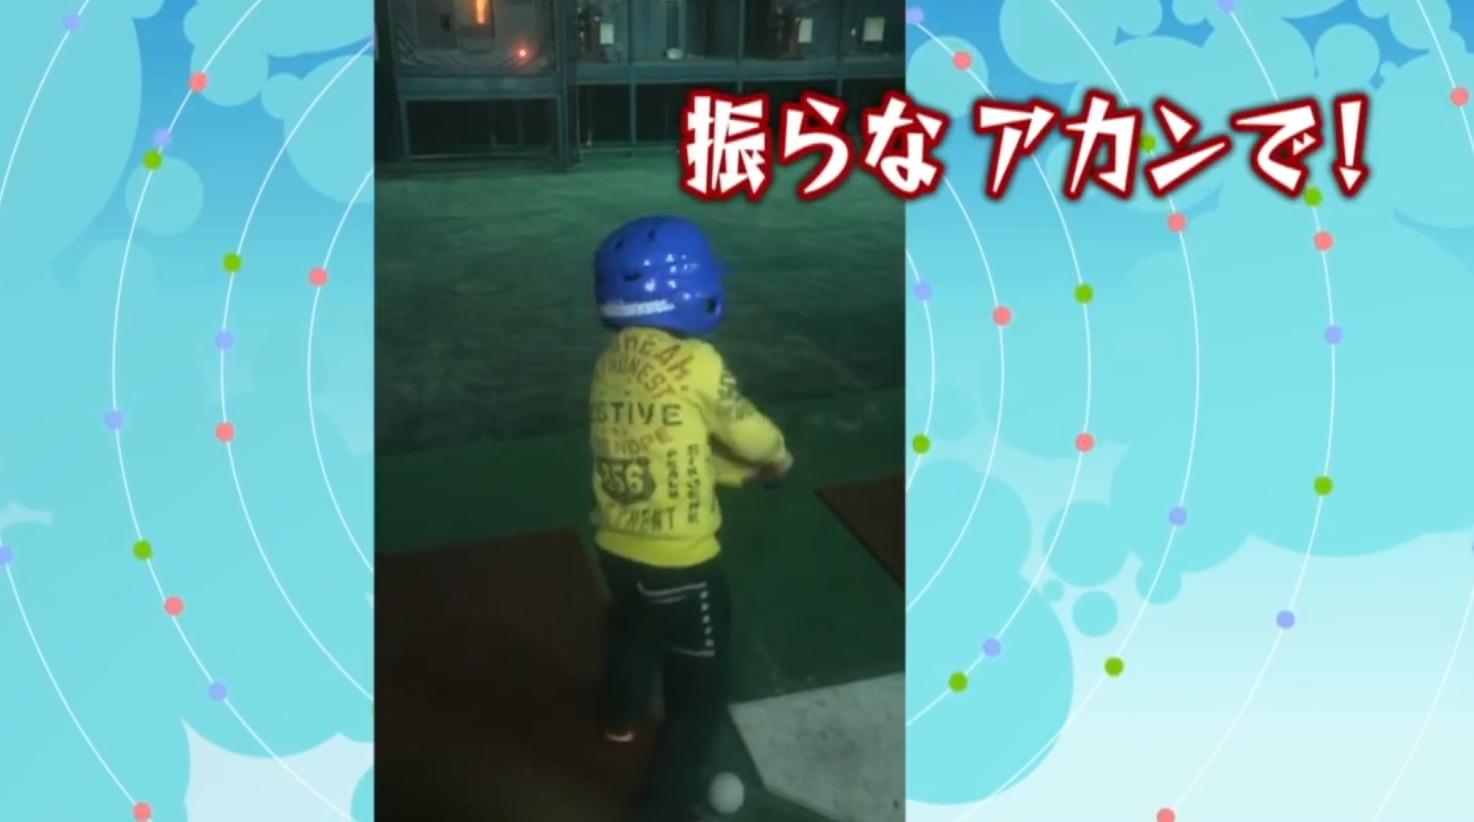 【爆笑ハプニング】子供にバッティング指導するおじさん。「大切な場所」にまさかの大当たり!!